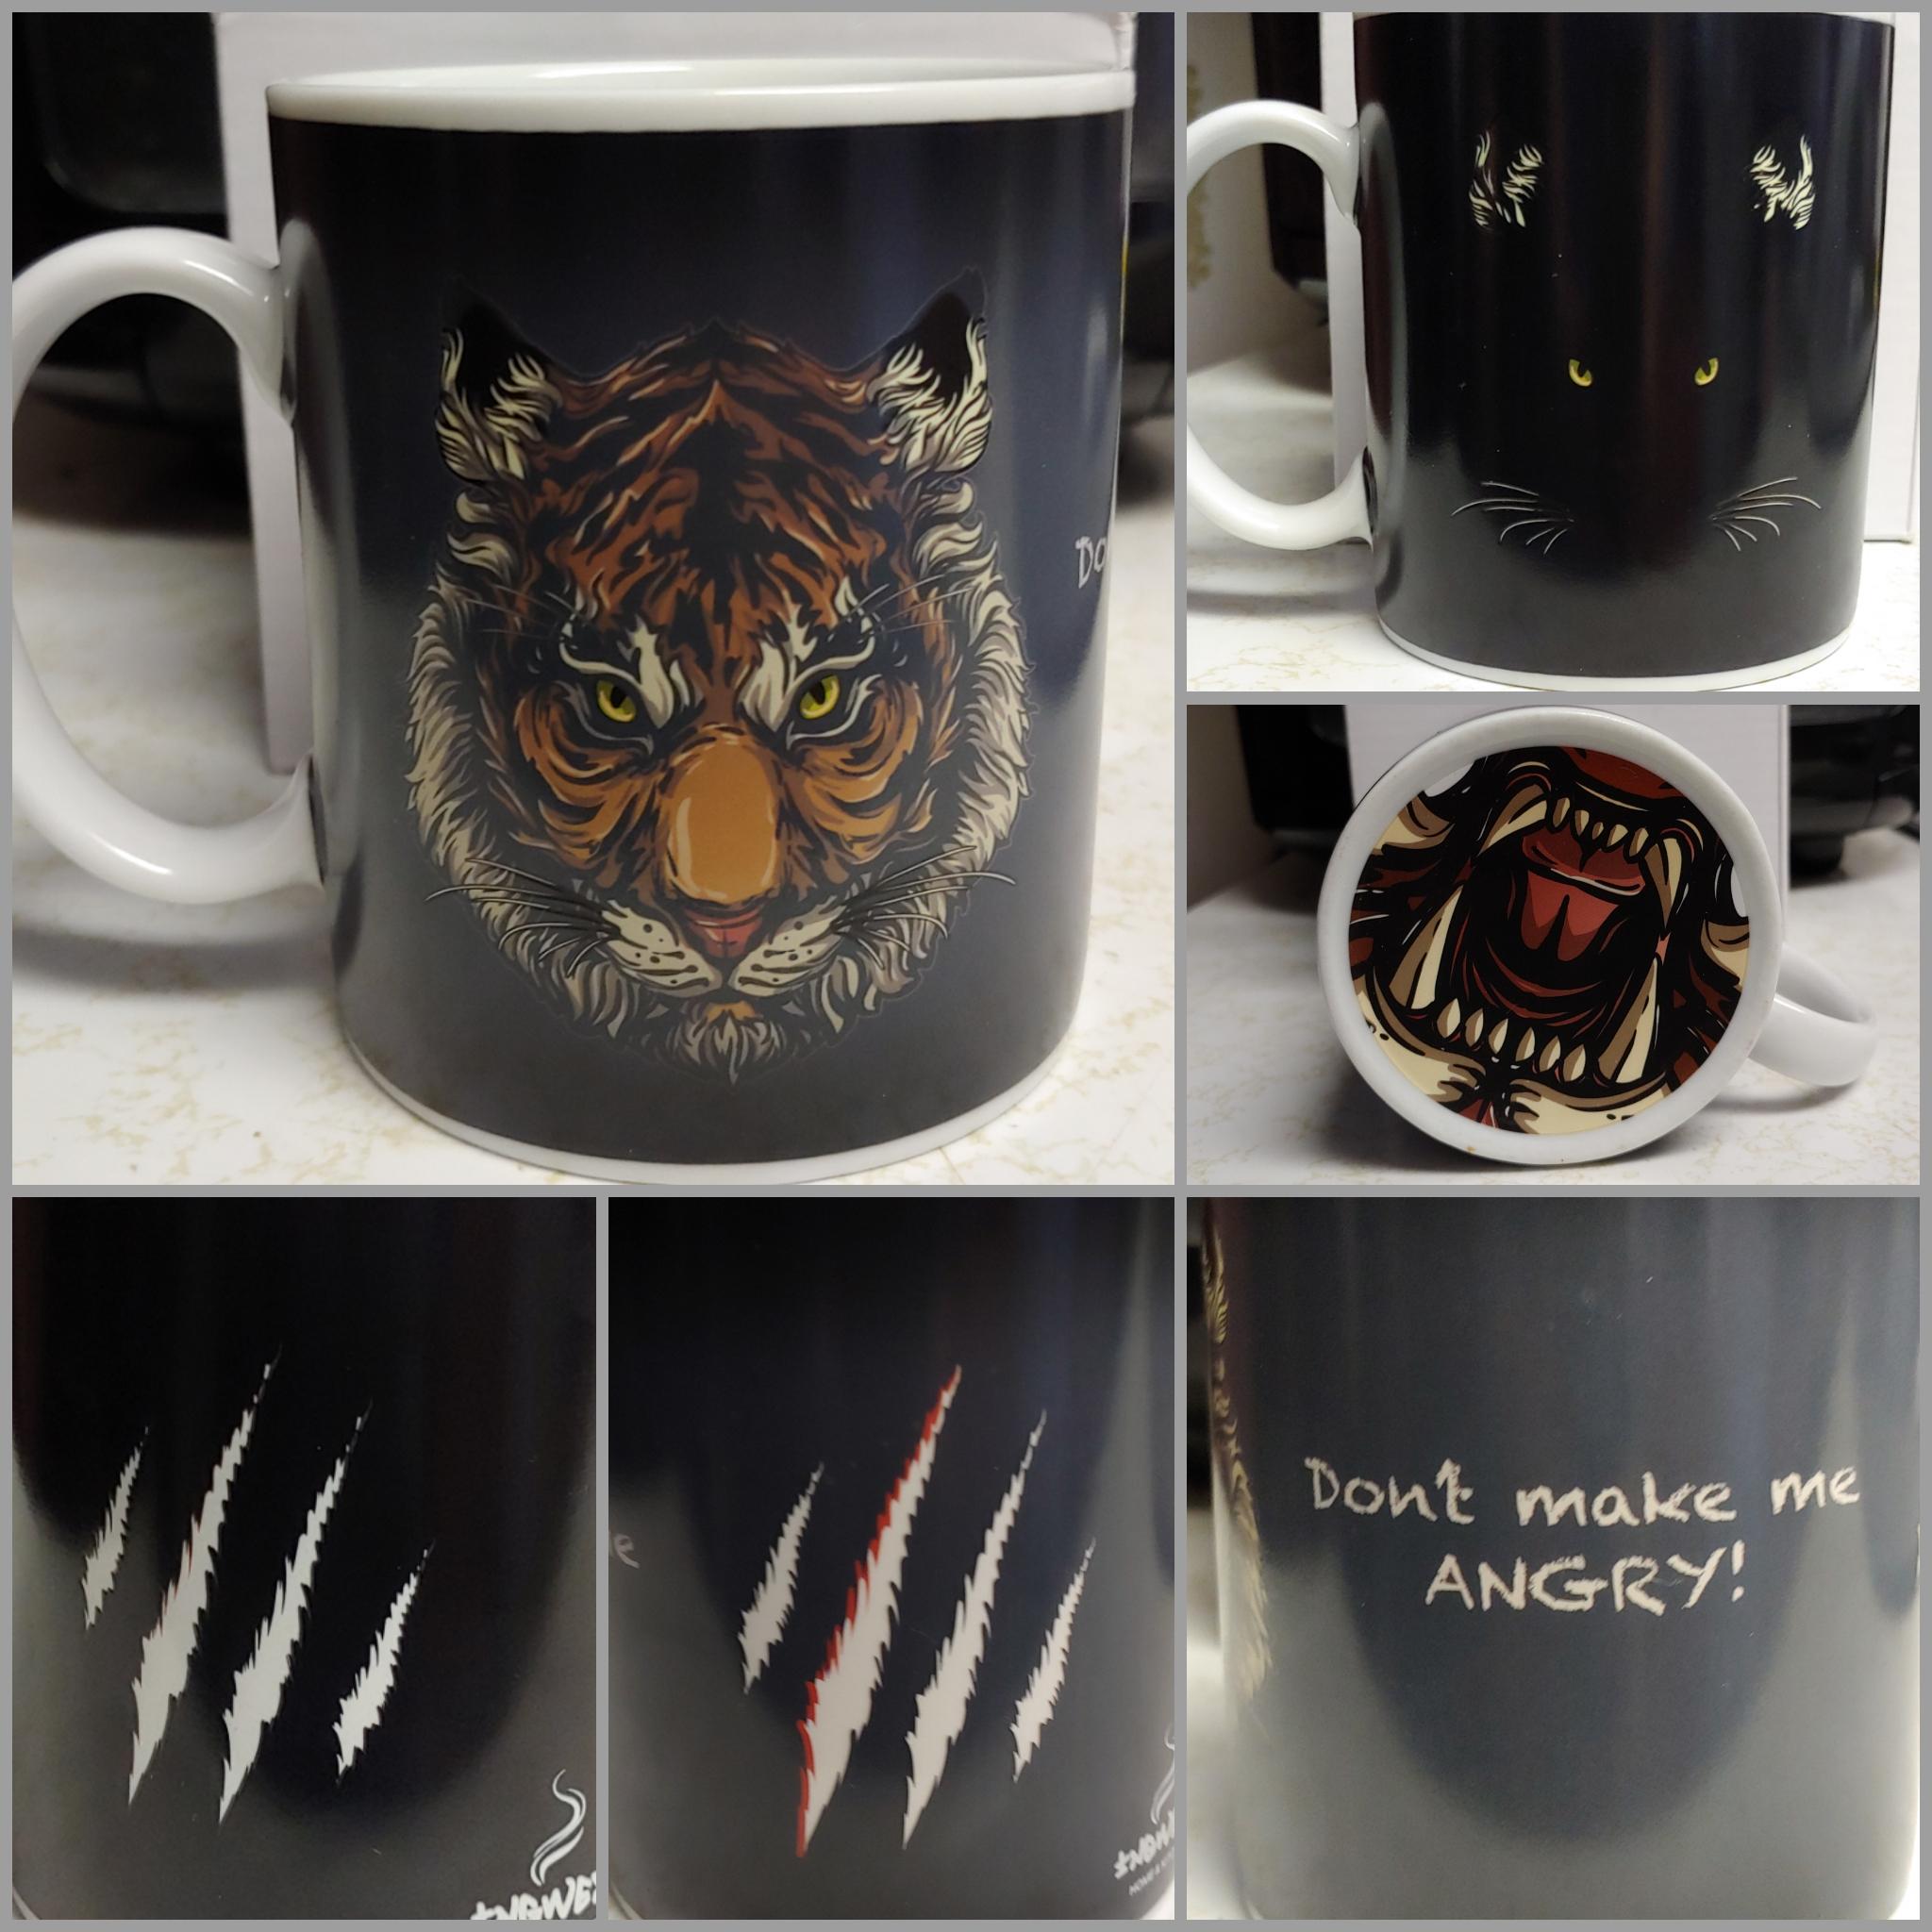 Very Cool Mug